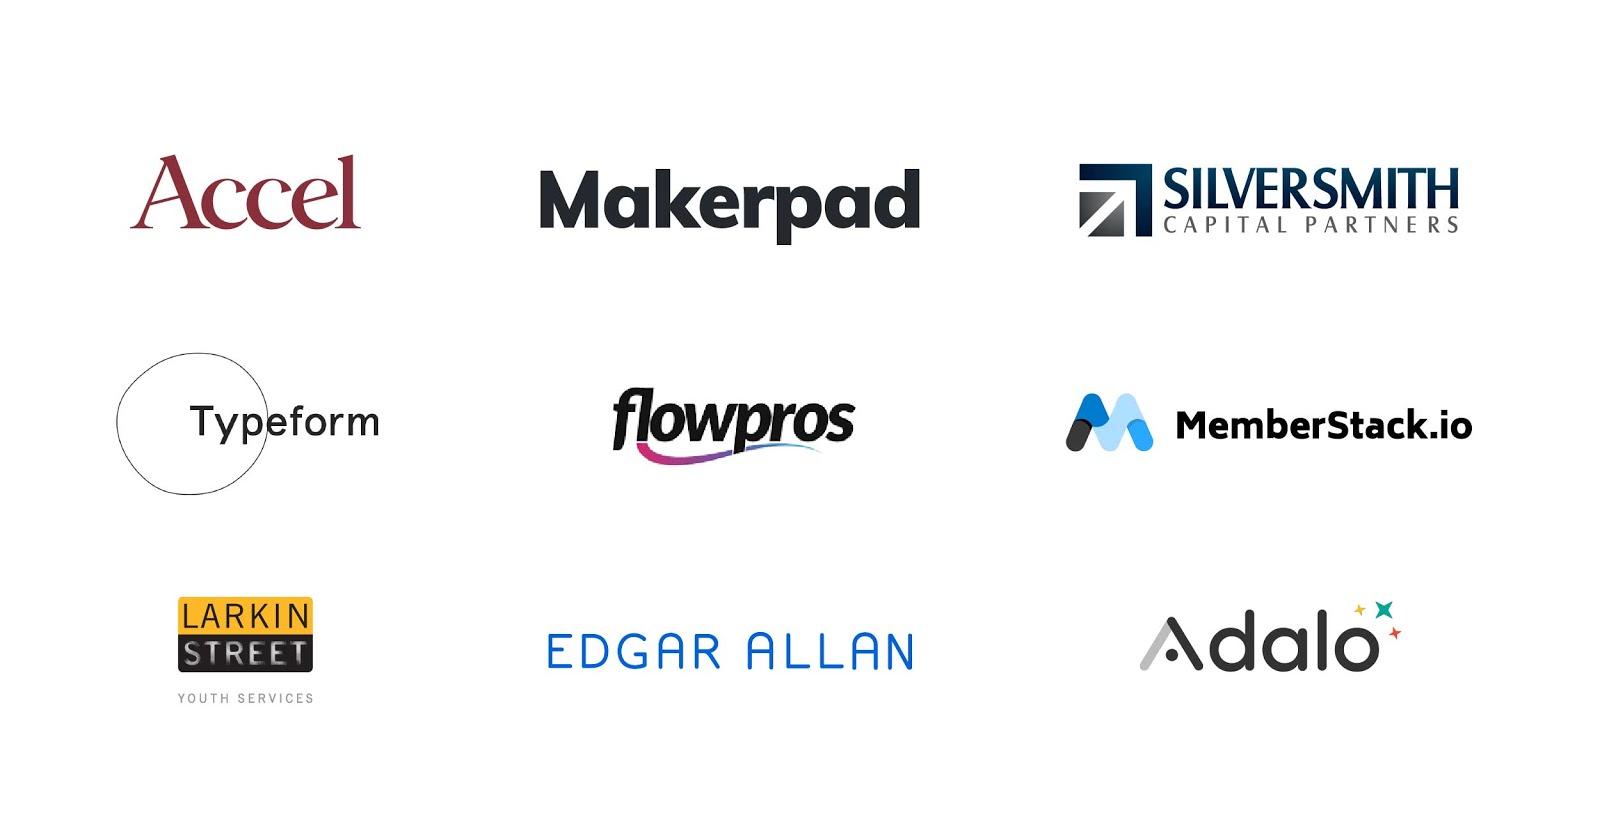 No Code Conf sponsor logos